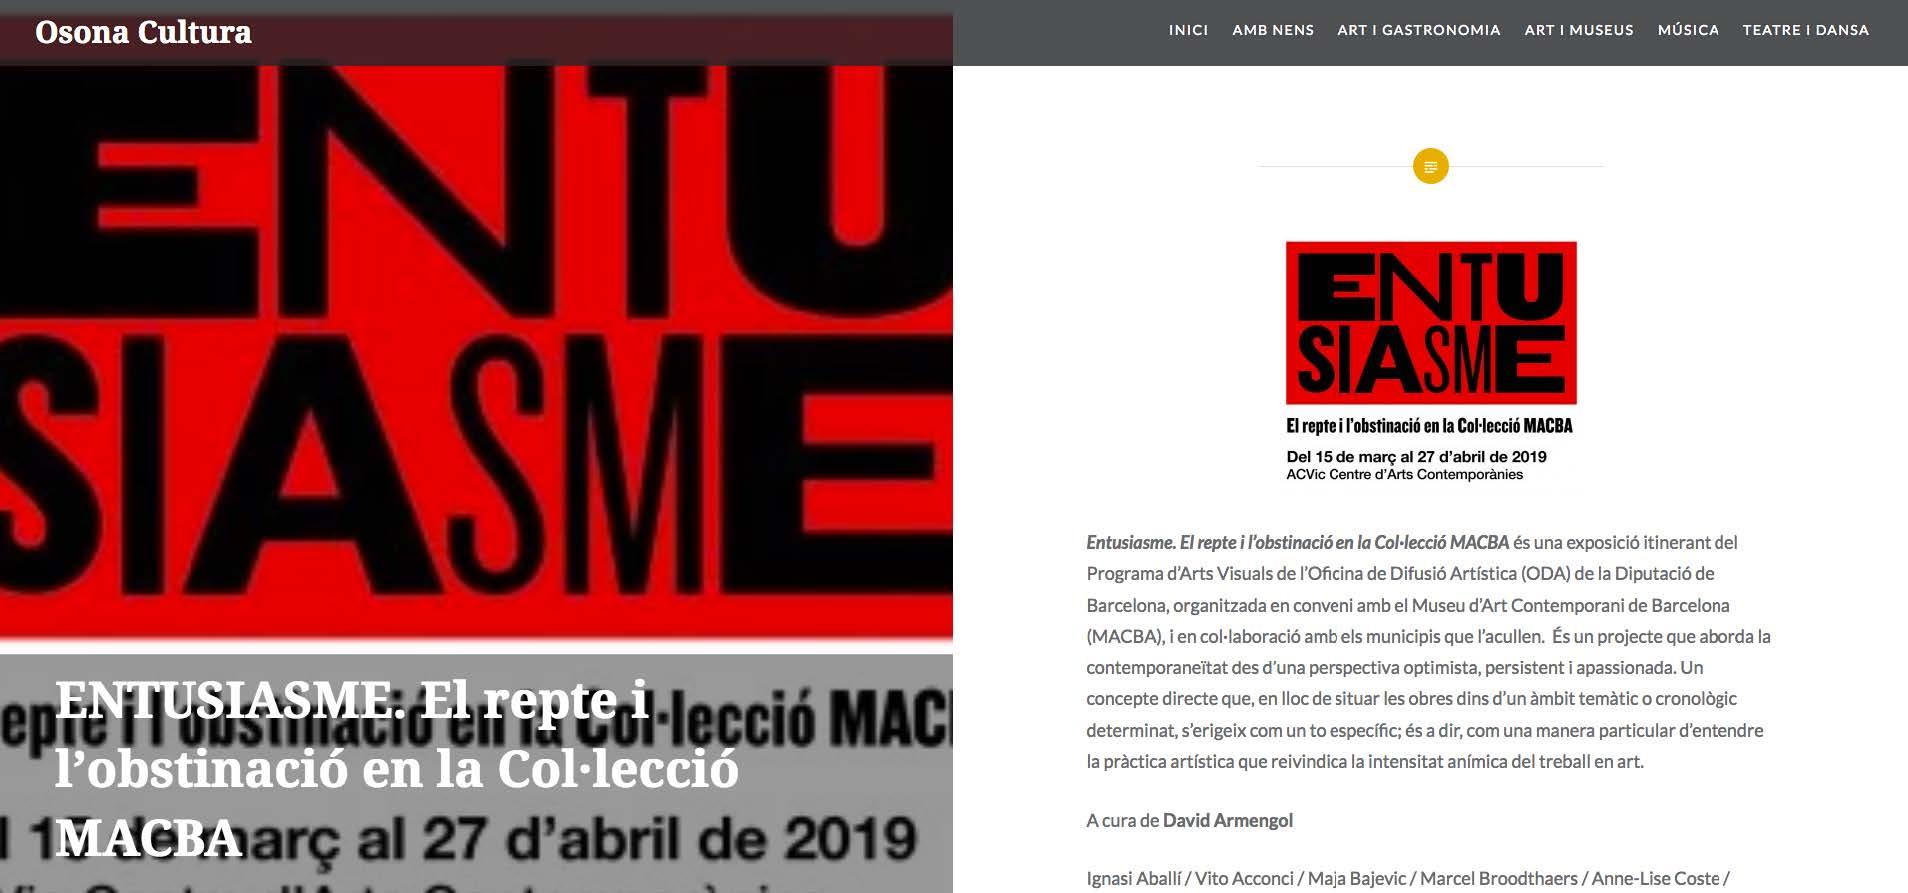 10.03.2019 osonacultura